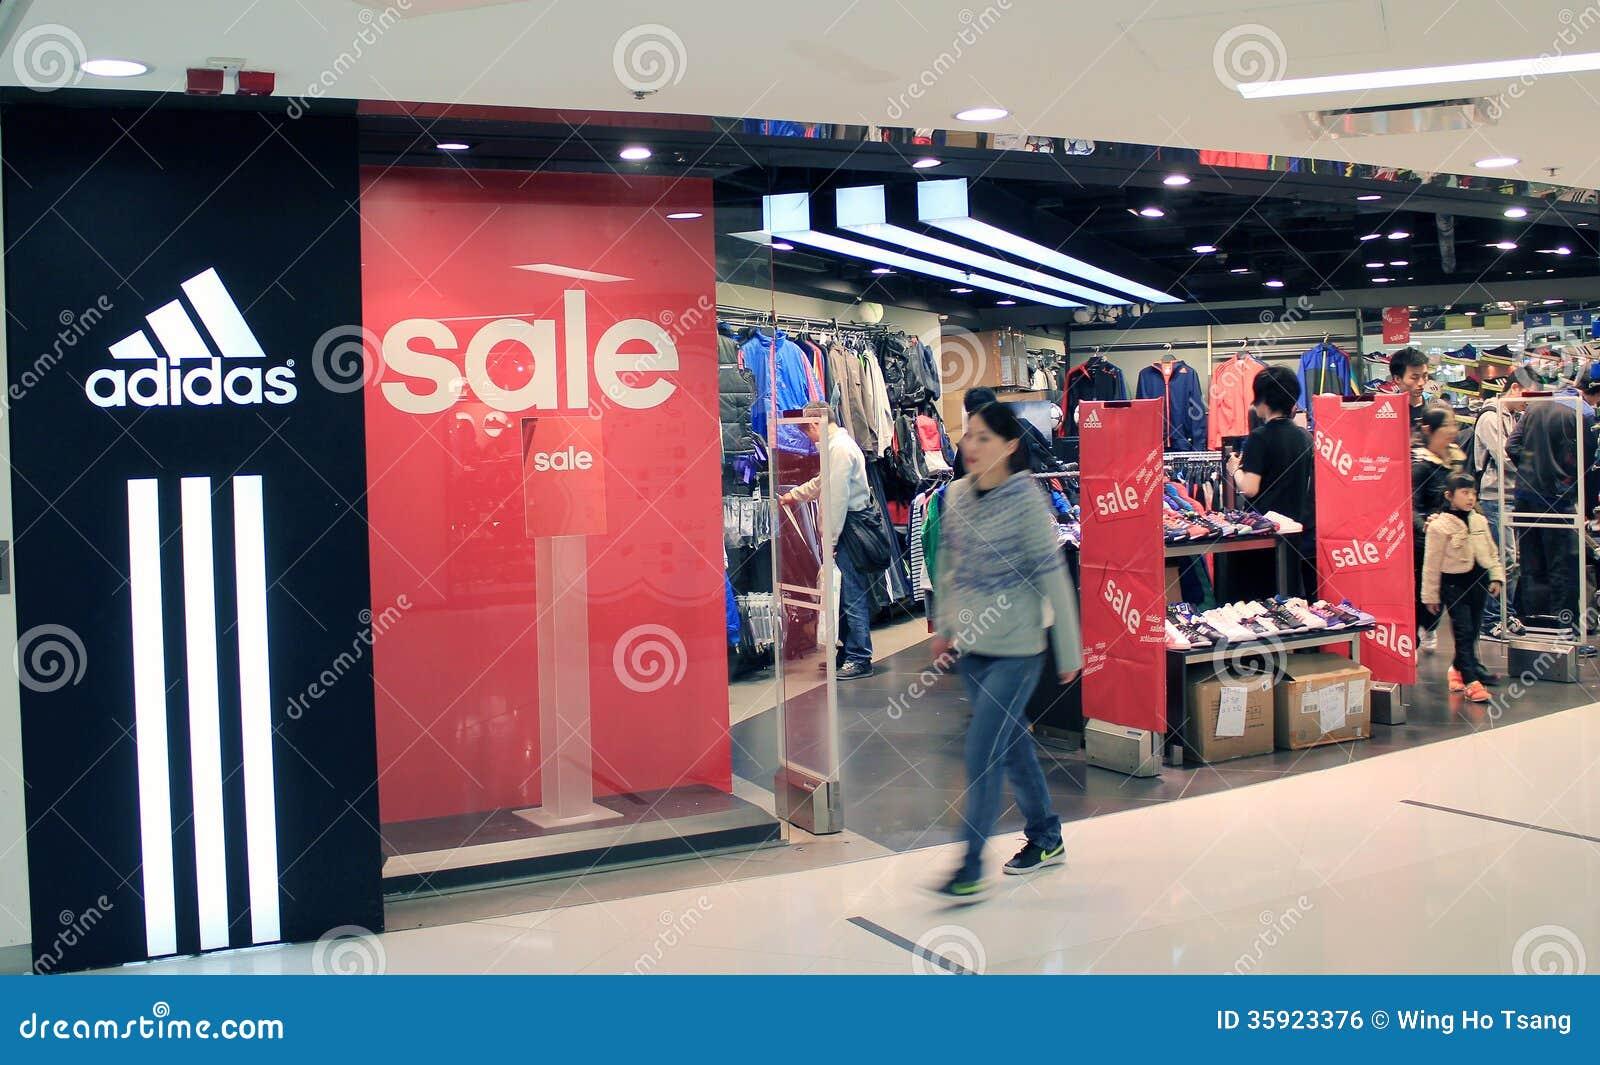 d10bbfcc7ef67b Adidas-winkel in Hongkong redactionele foto. Afbeelding bestaande ...